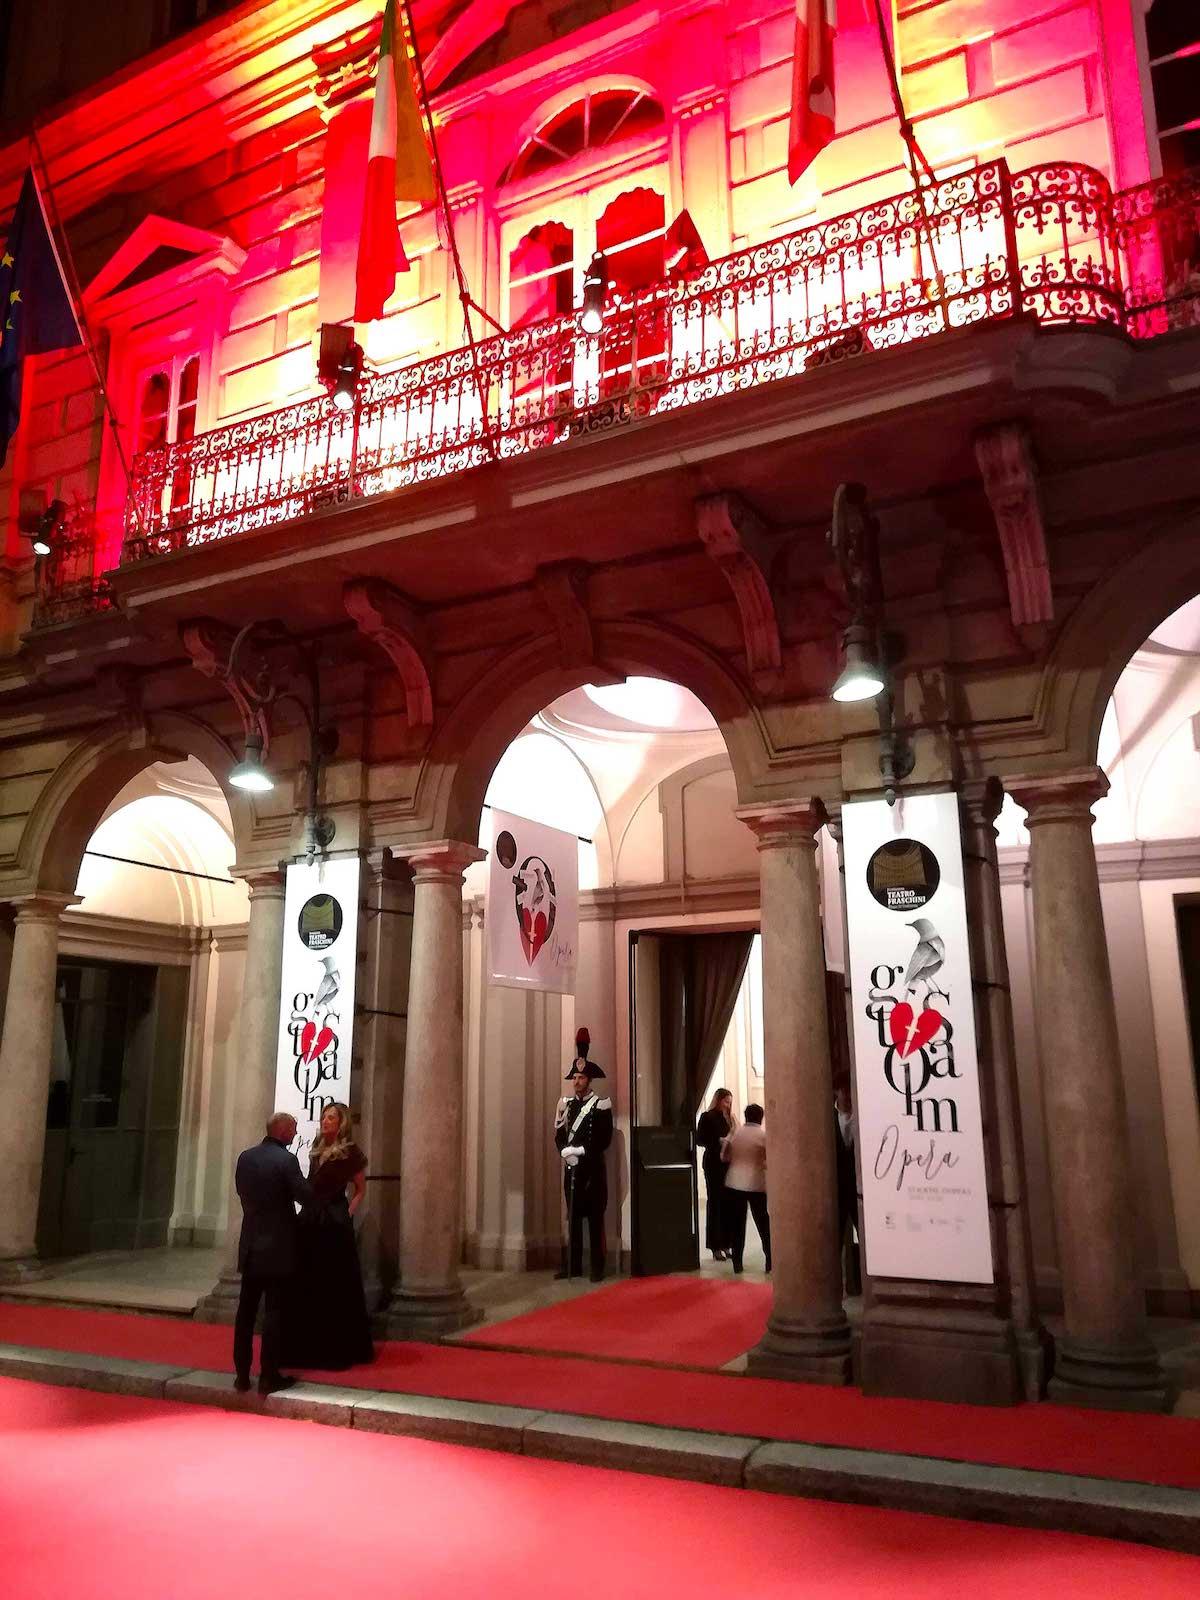 naar de opera in Pavia